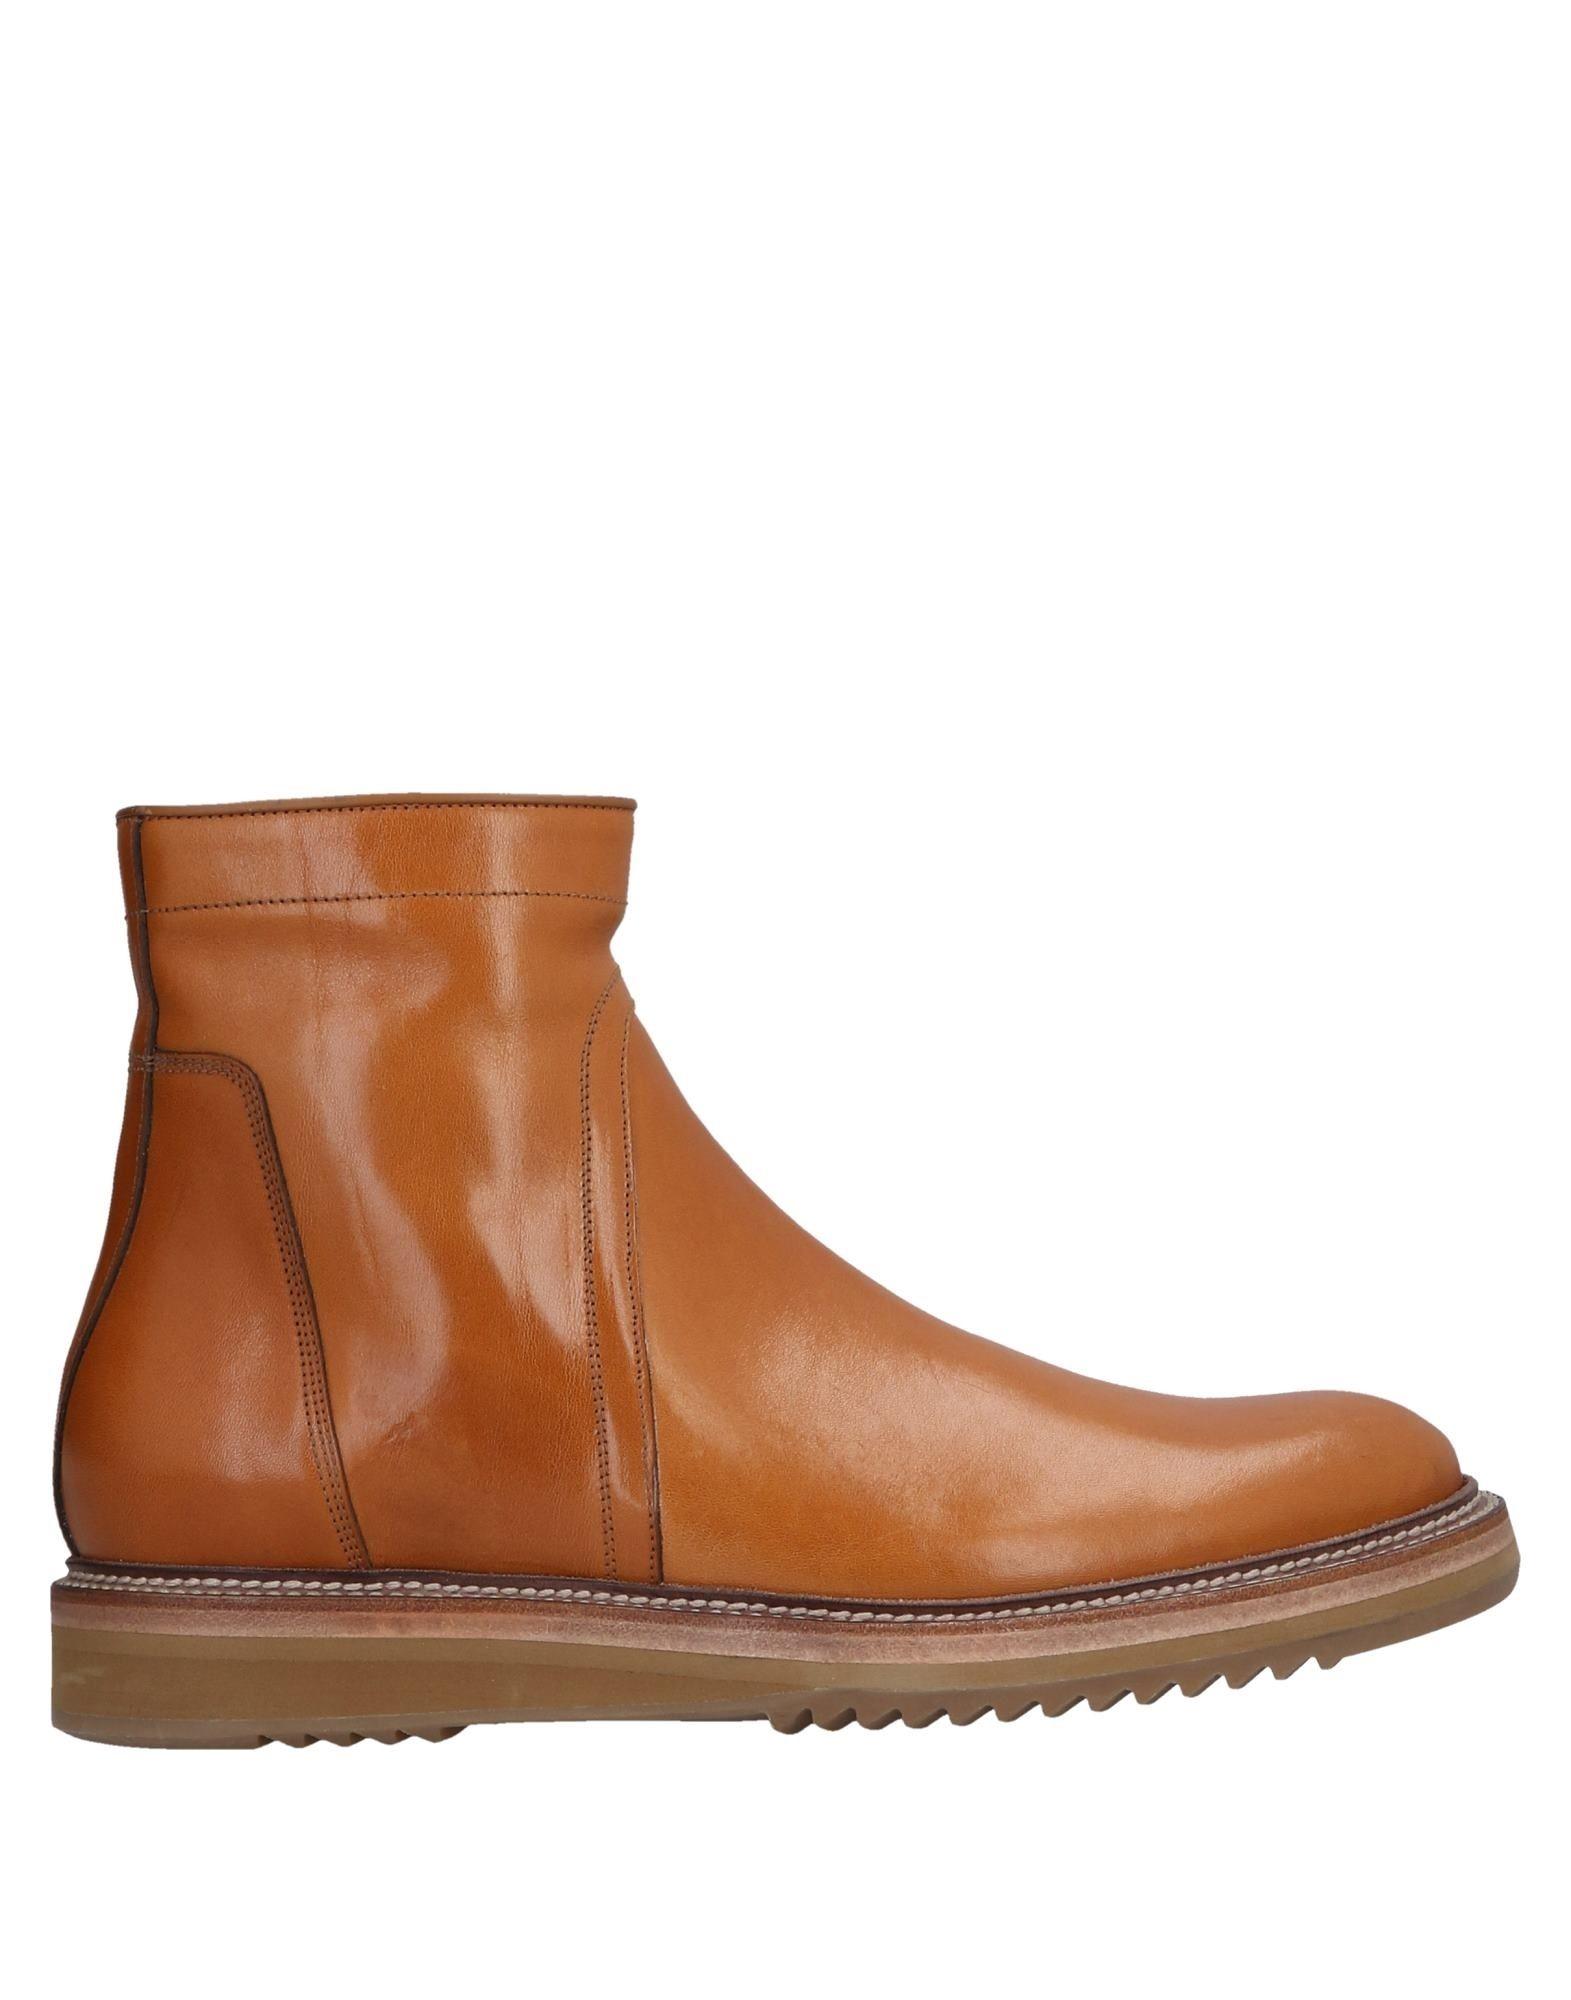 Rick Owens Stiefelette Herren  11520057JA Gute Qualität beliebte Schuhe